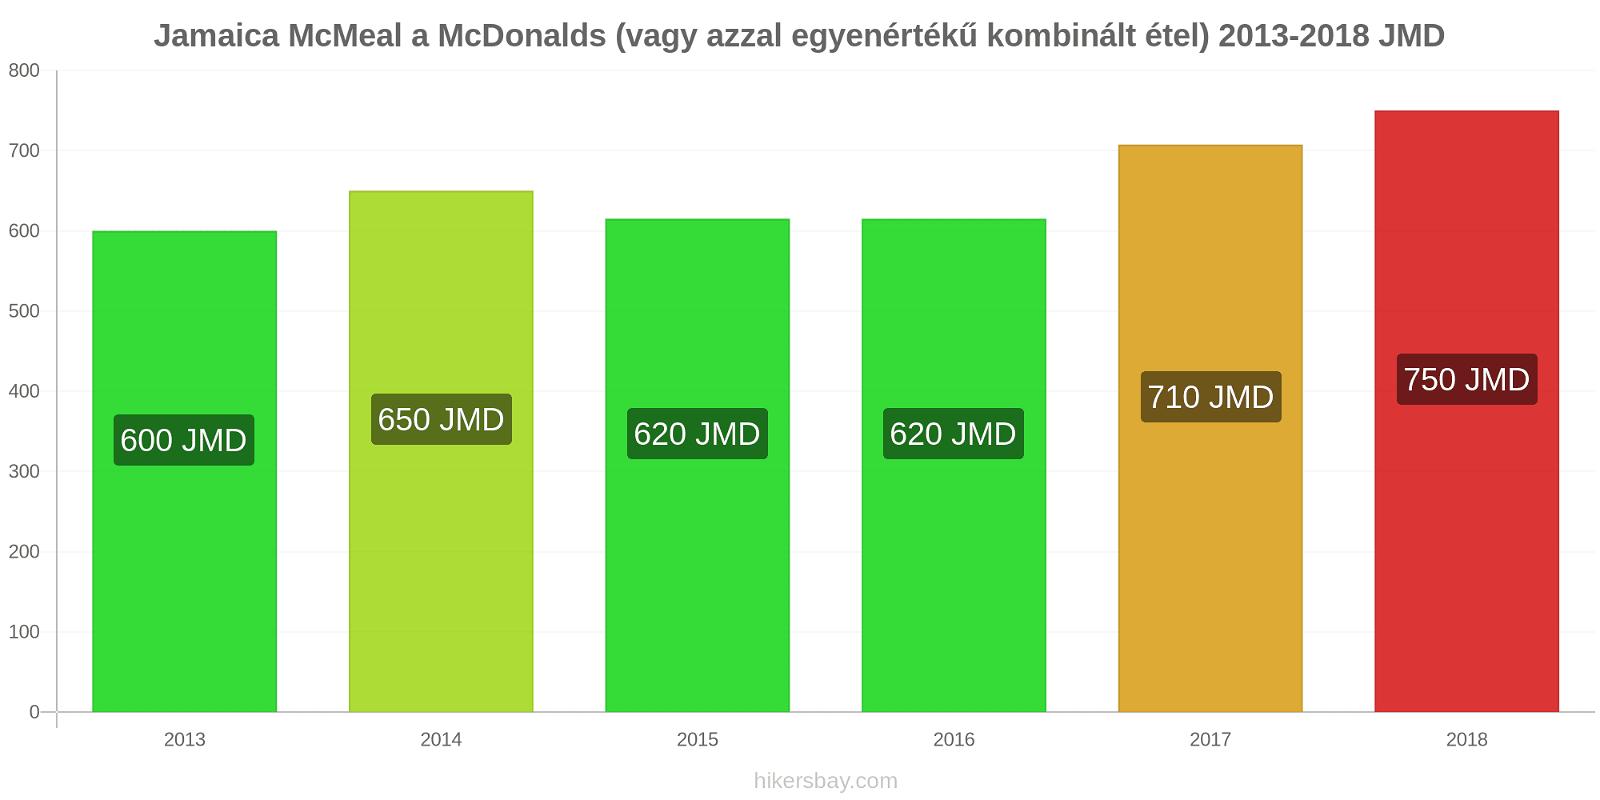 Jamaica árváltozások McMeal a McDonalds (vagy azzal egyenértékű kombinált étel) hikersbay.com